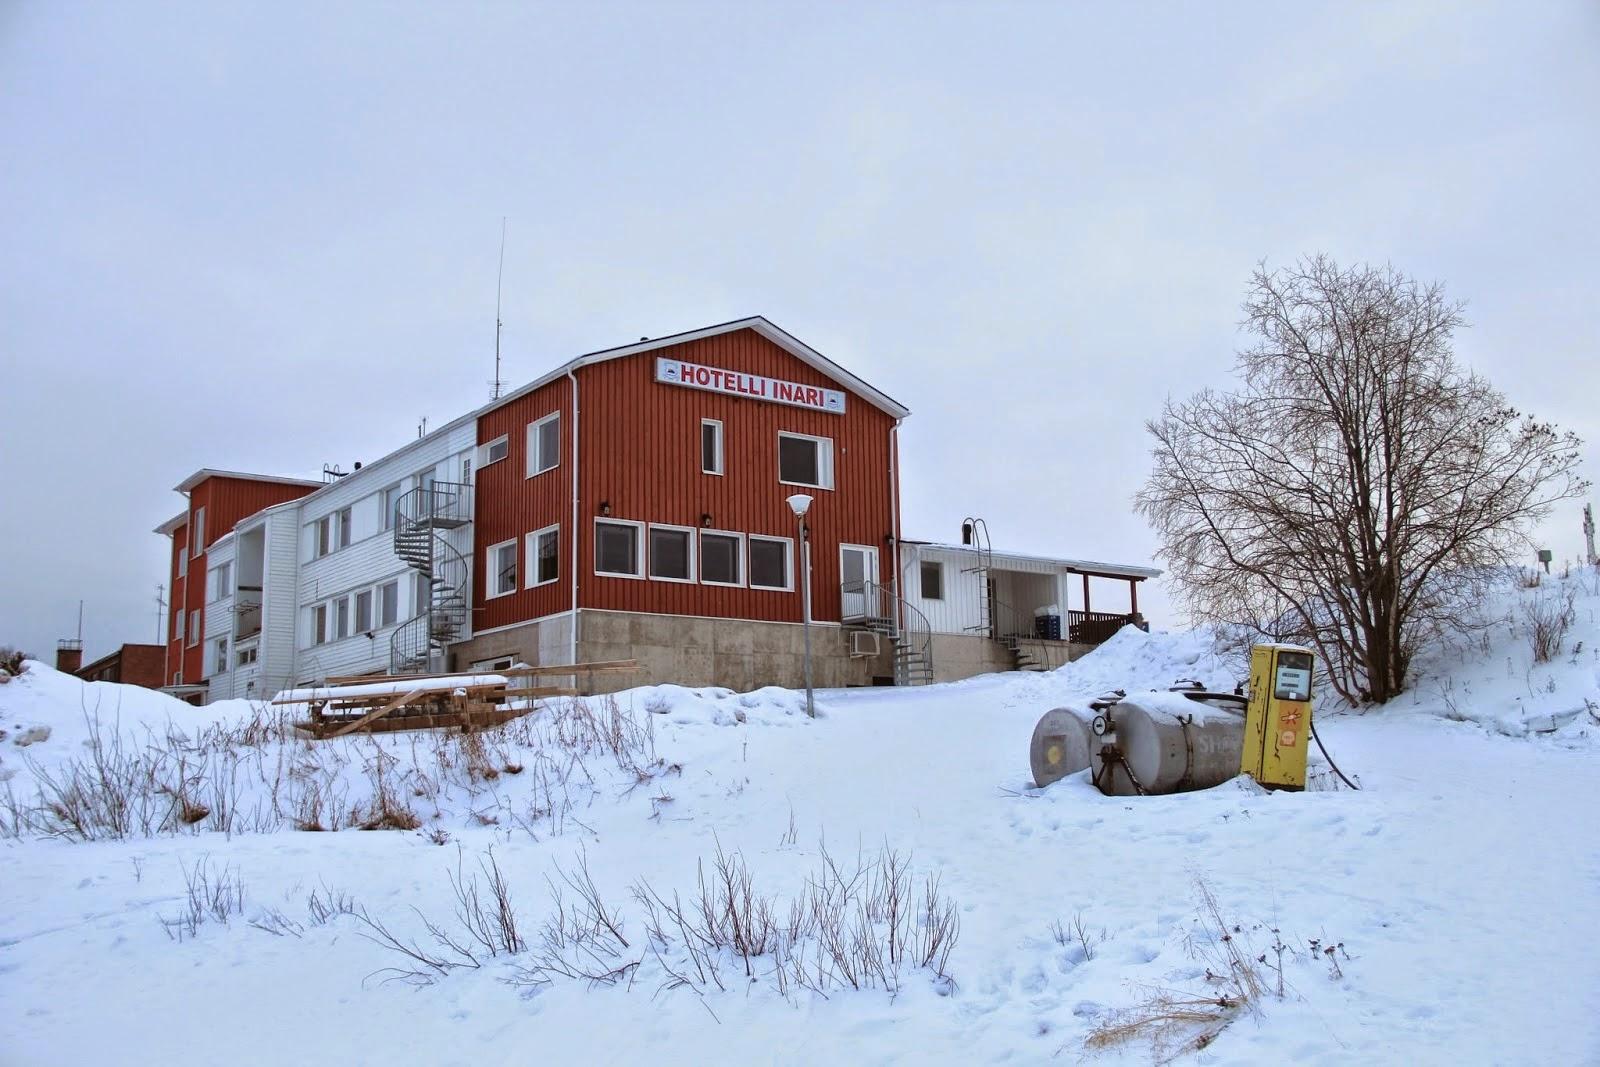 Hotel Inari, Finland